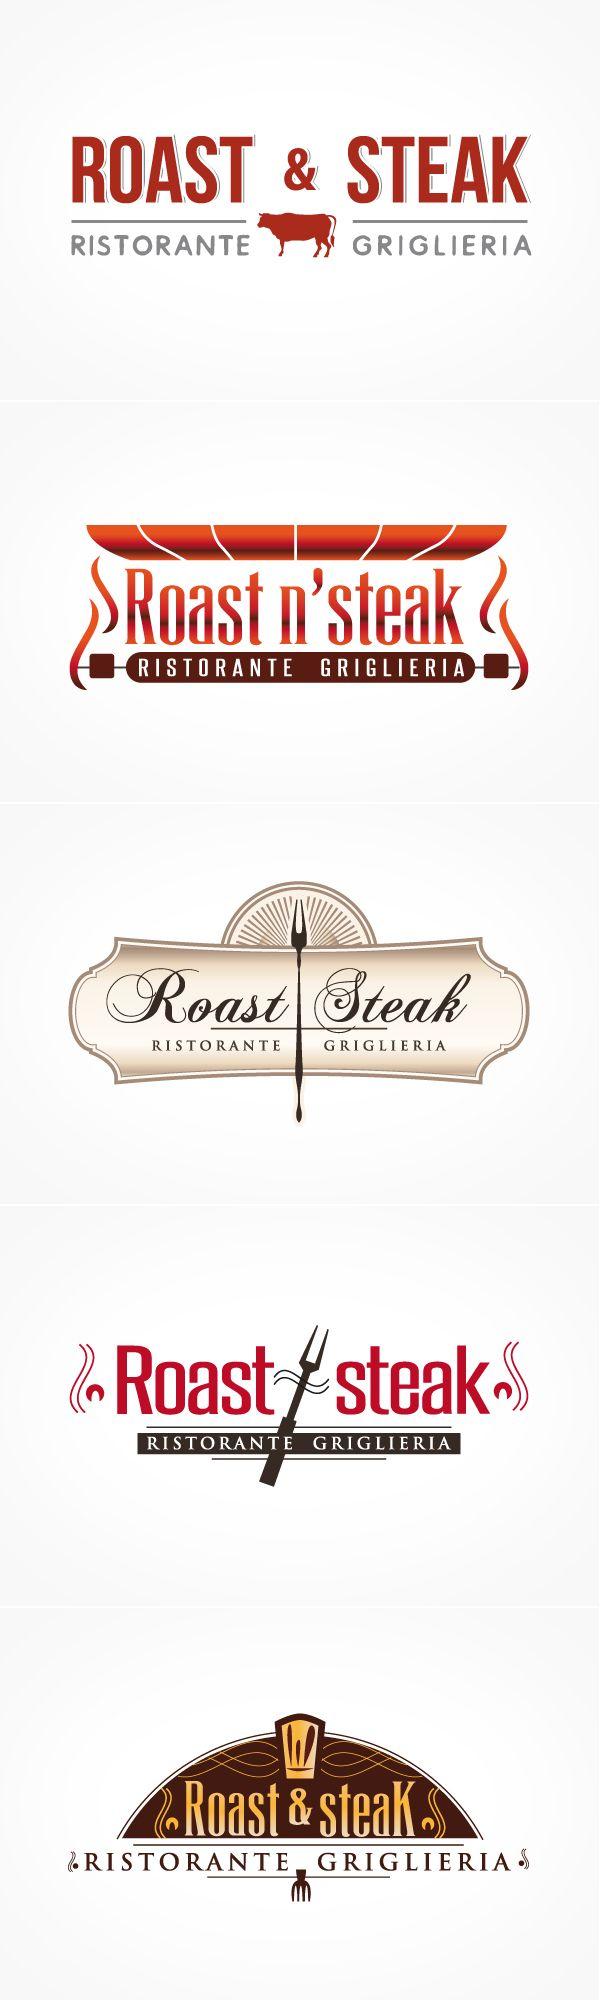 #restaurant #logo #design #ristorante #grafica Studio progettazione loghi per Ristorante Griglieria